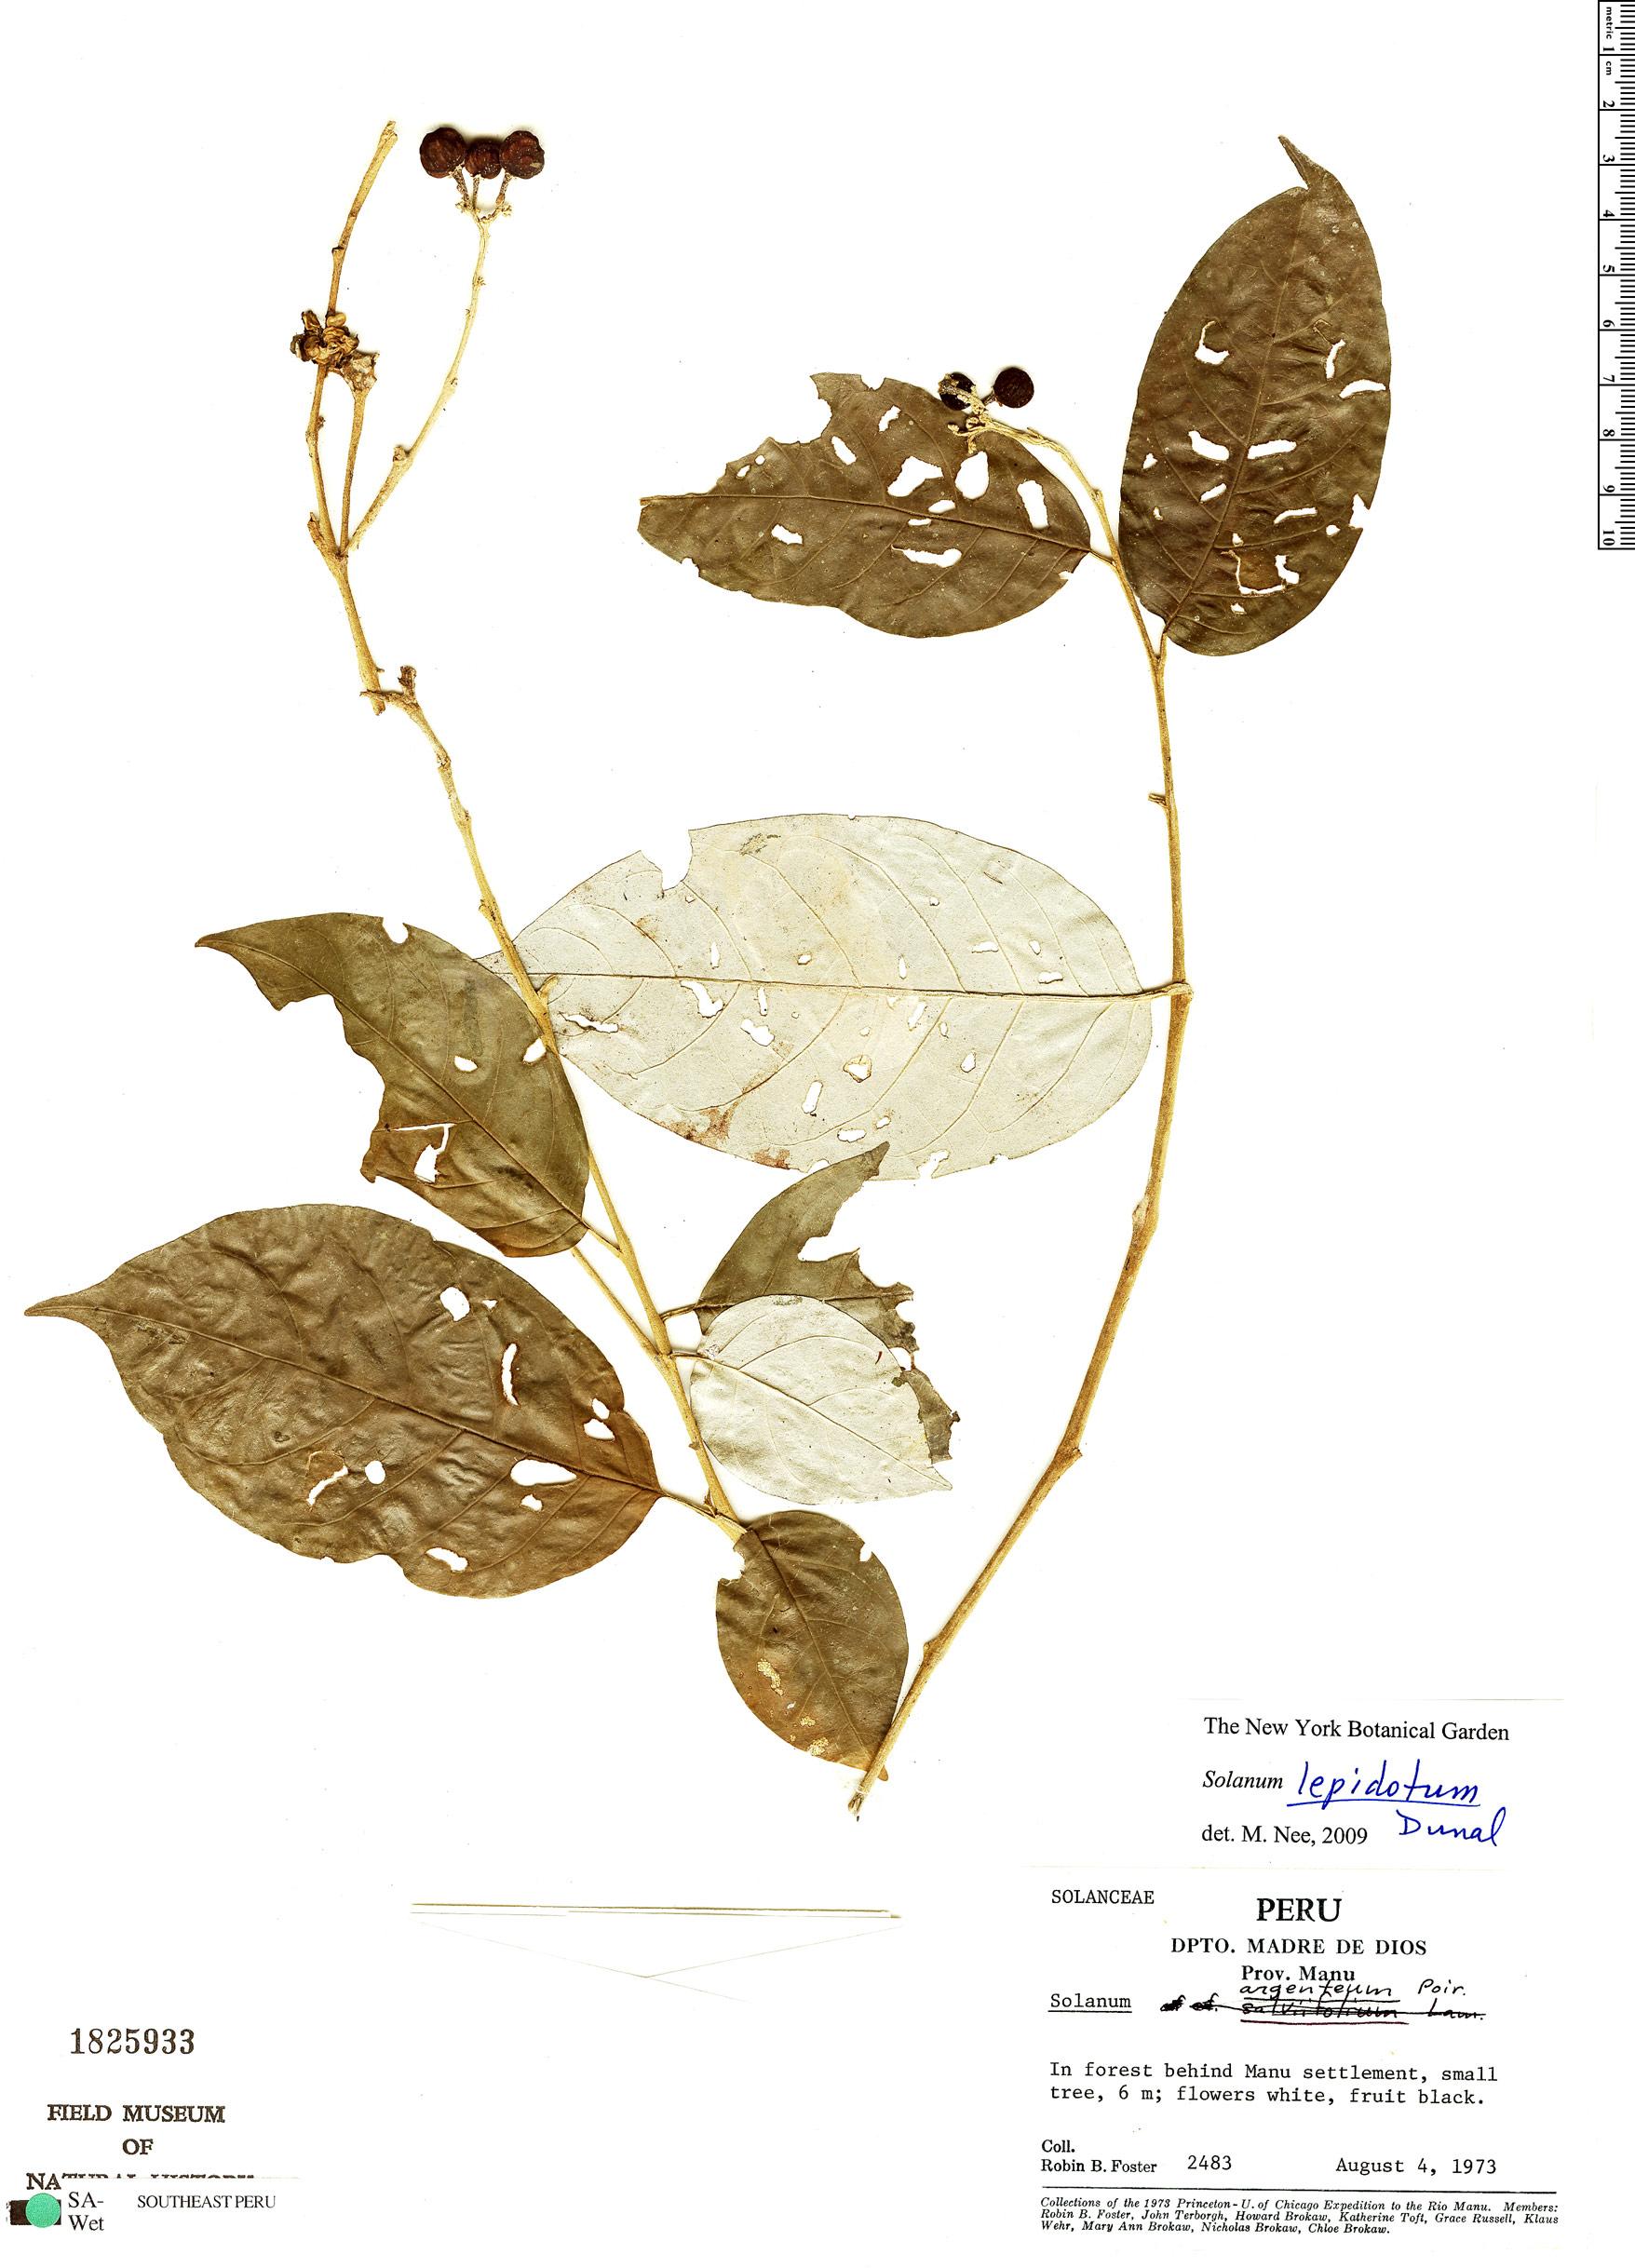 Specimen: Solanum lepidotum